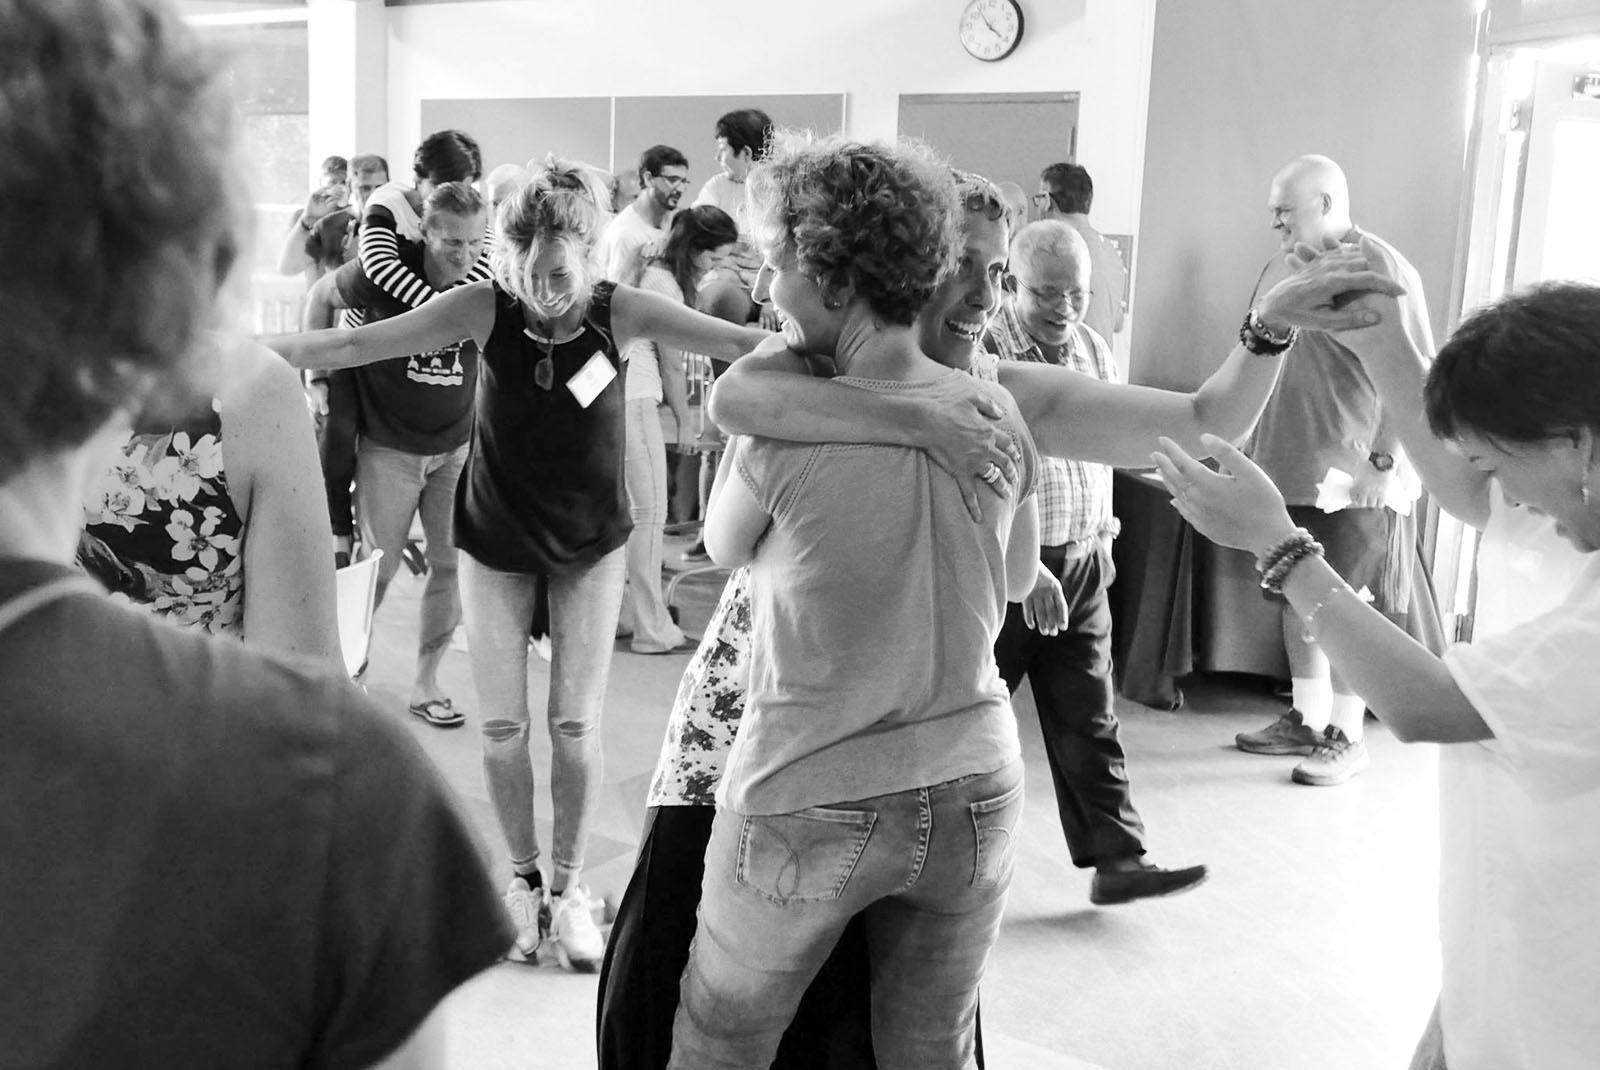 Rita Aleluia a dançar com grupo de pessoas